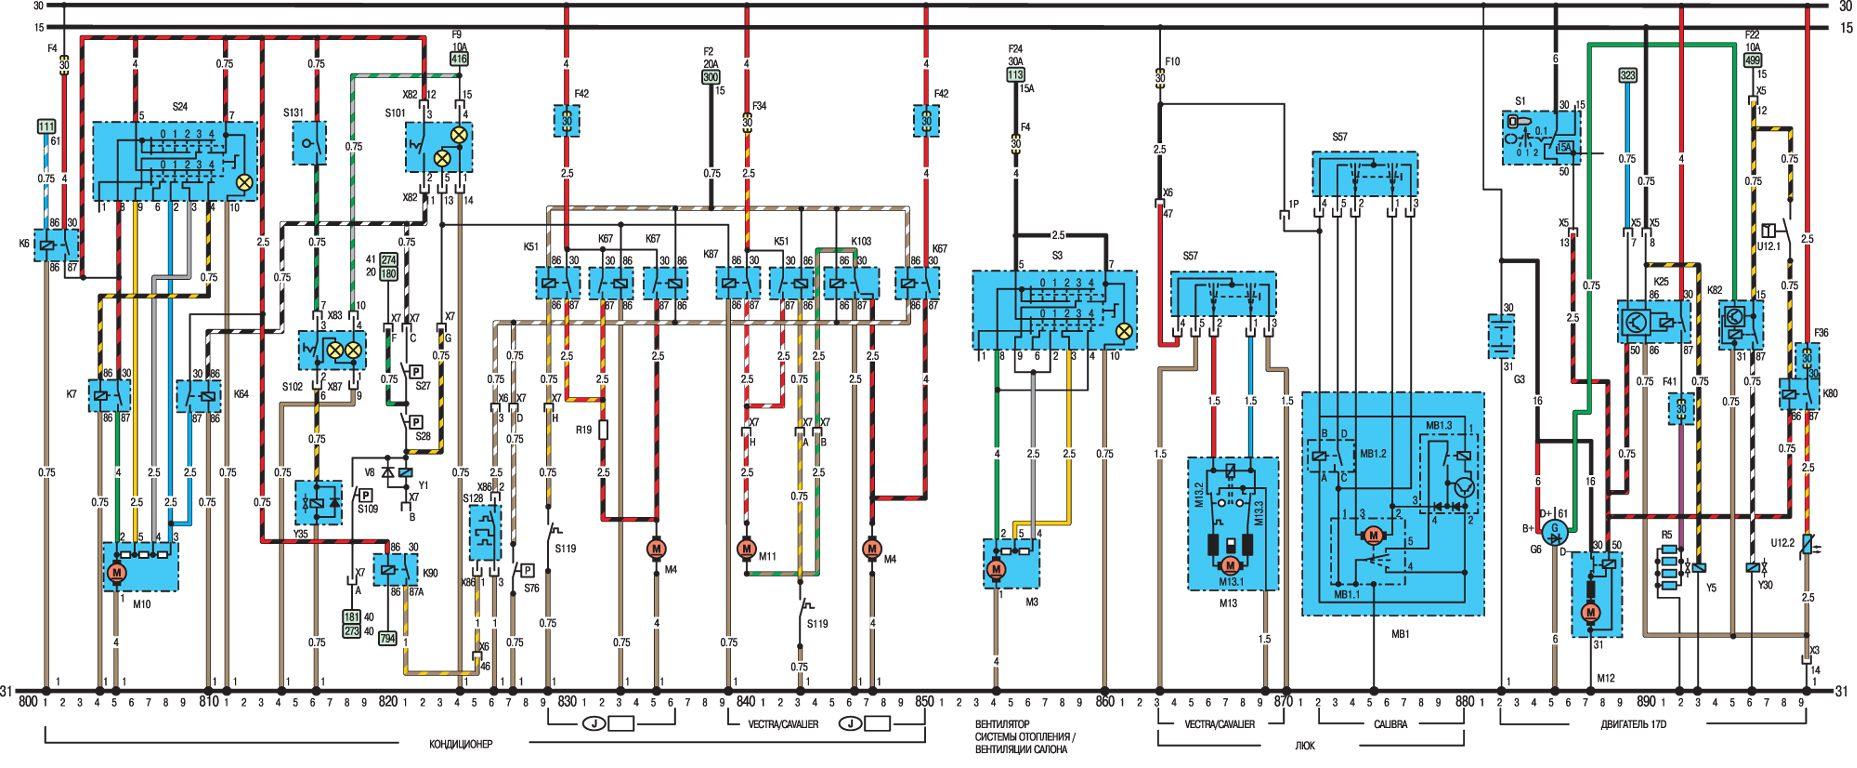 руководство по эксплуатации аутлендер xl 2011 третий рим скачать